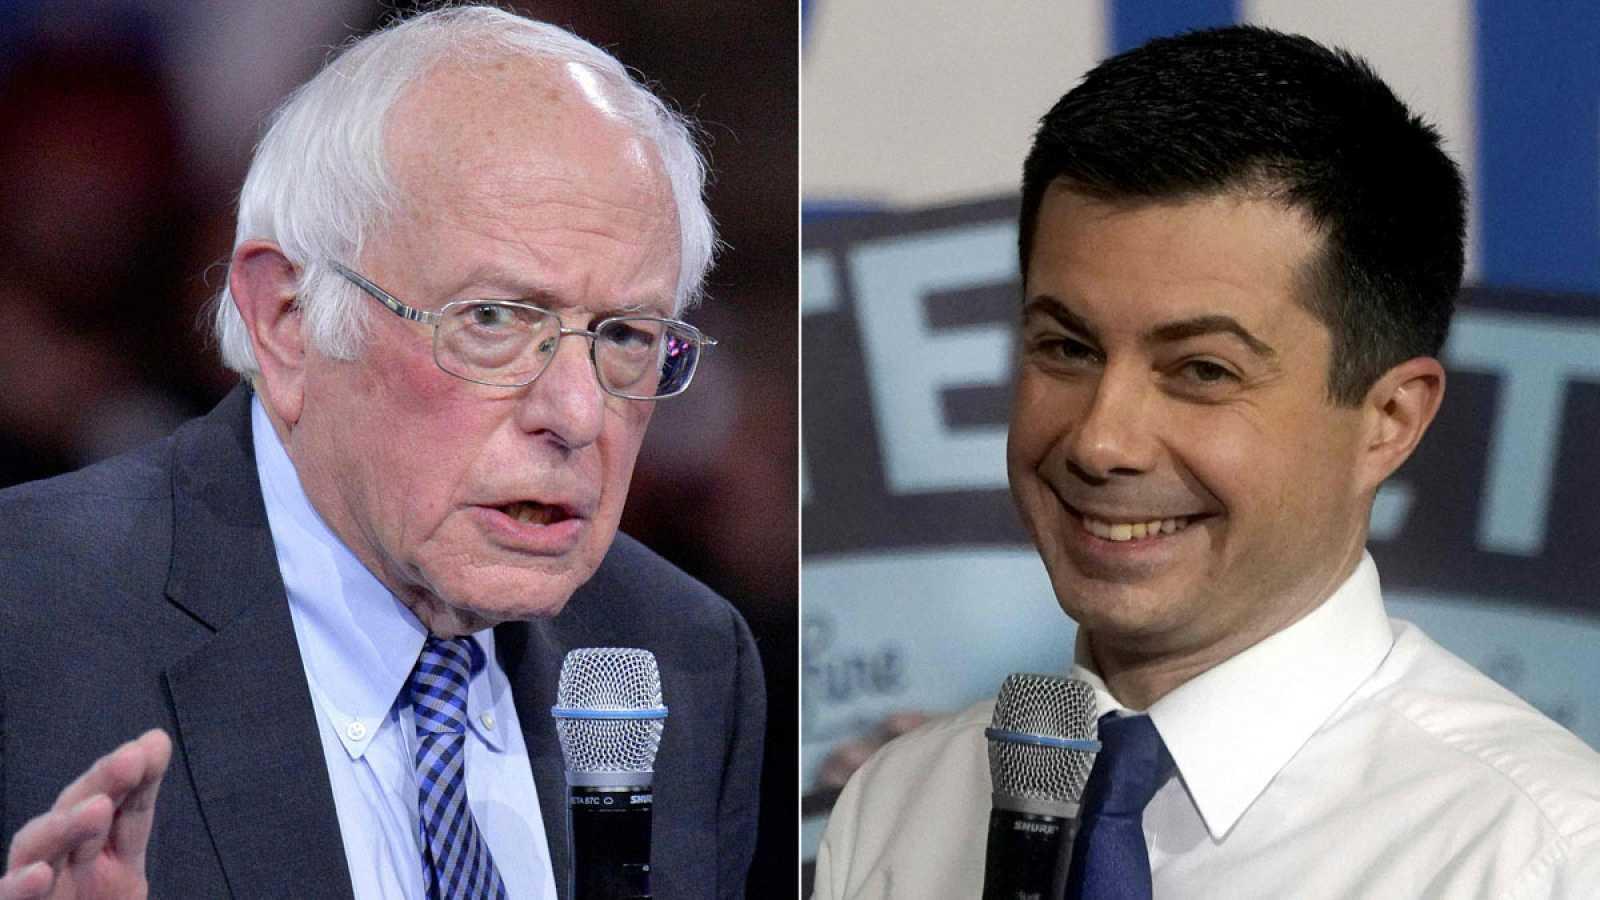 Buttigieg y Sanders, vencedores del 'caucus' de Iowa, piden que se revisen los resultados